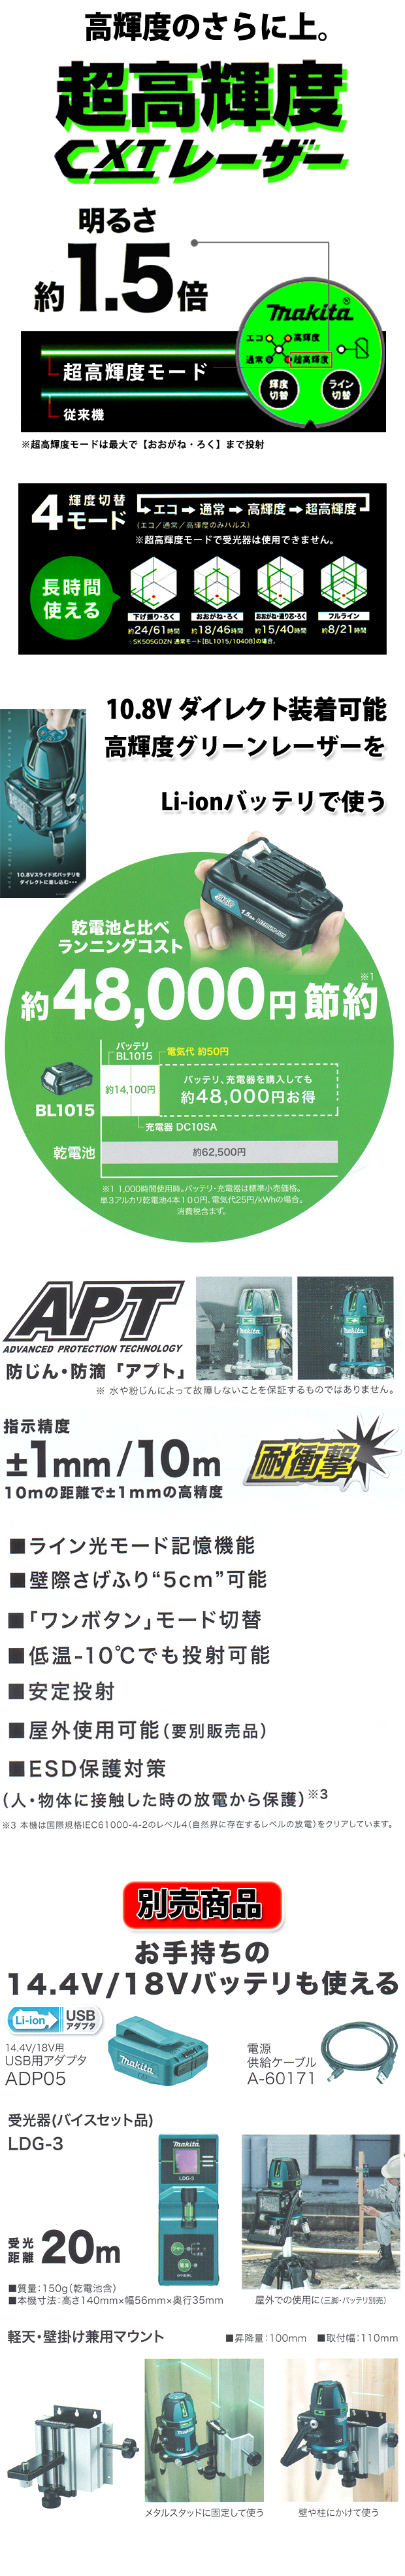 マキタ 10.8V充電式室内・屋外兼用墨出し器SK209GDZN+BL1040B+DC10SAセット